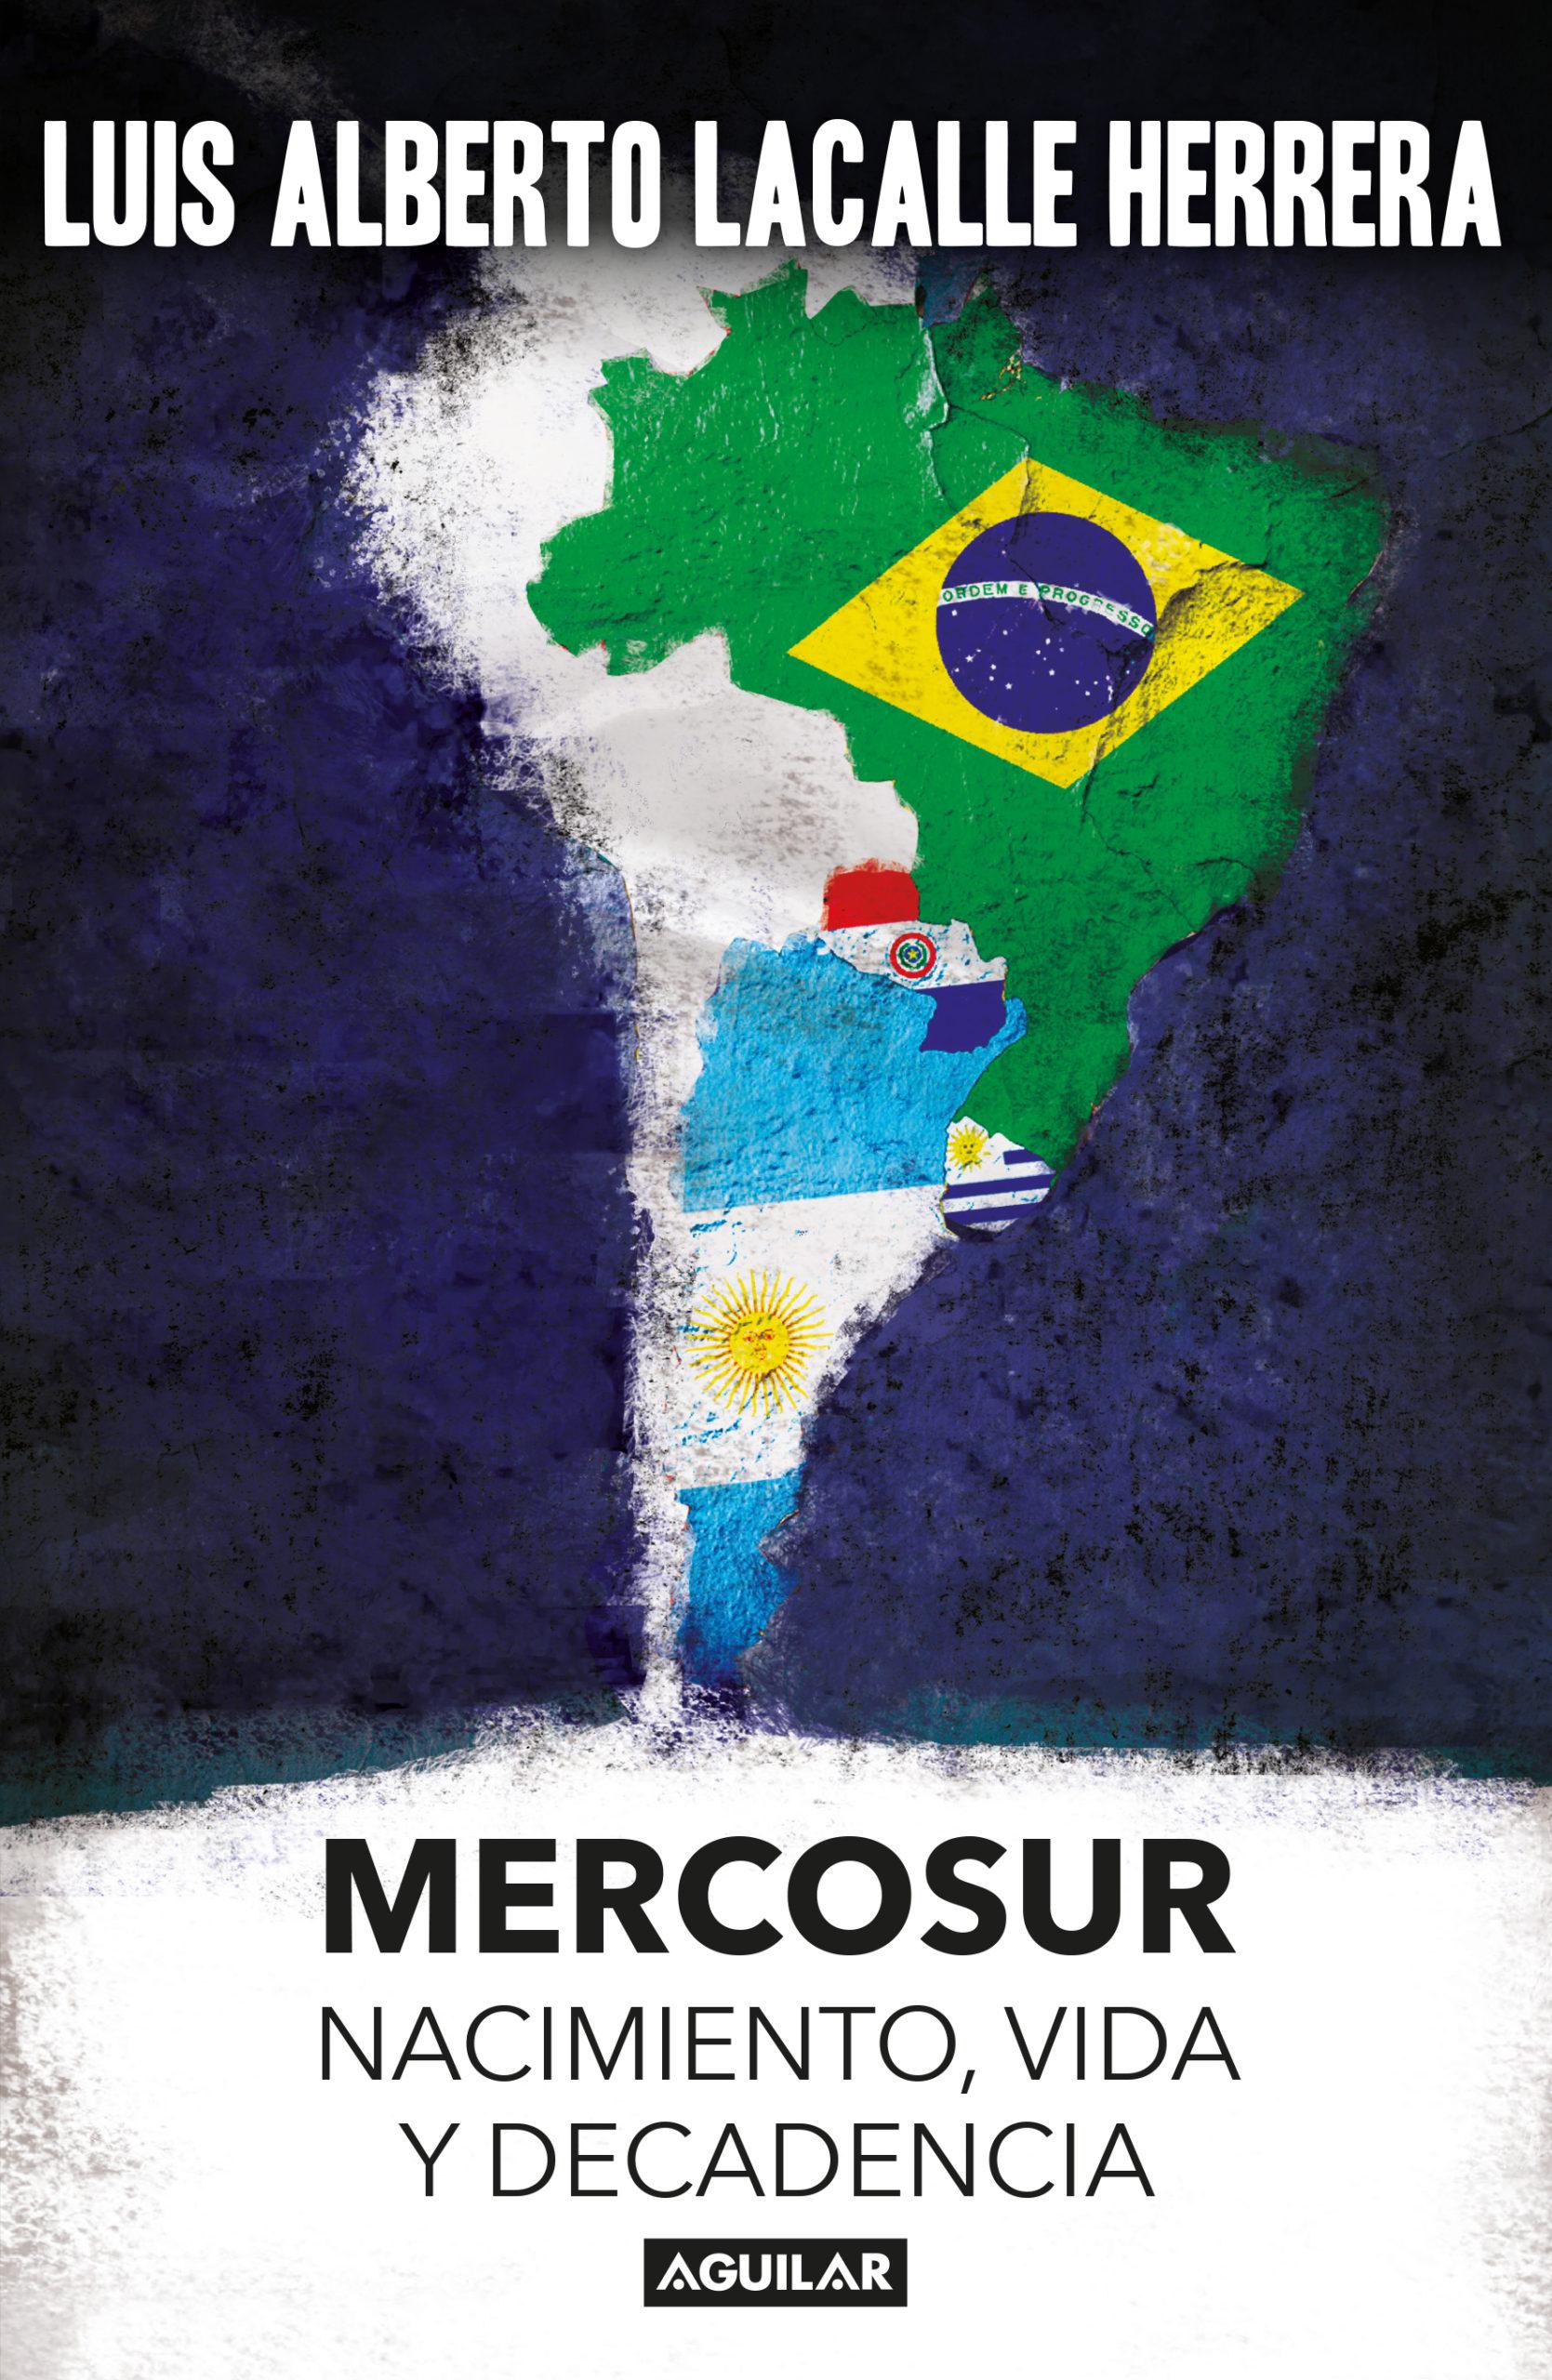 Mercosur: Nacimiento, Vida y Decadencia - Luis Alberto Lacalle